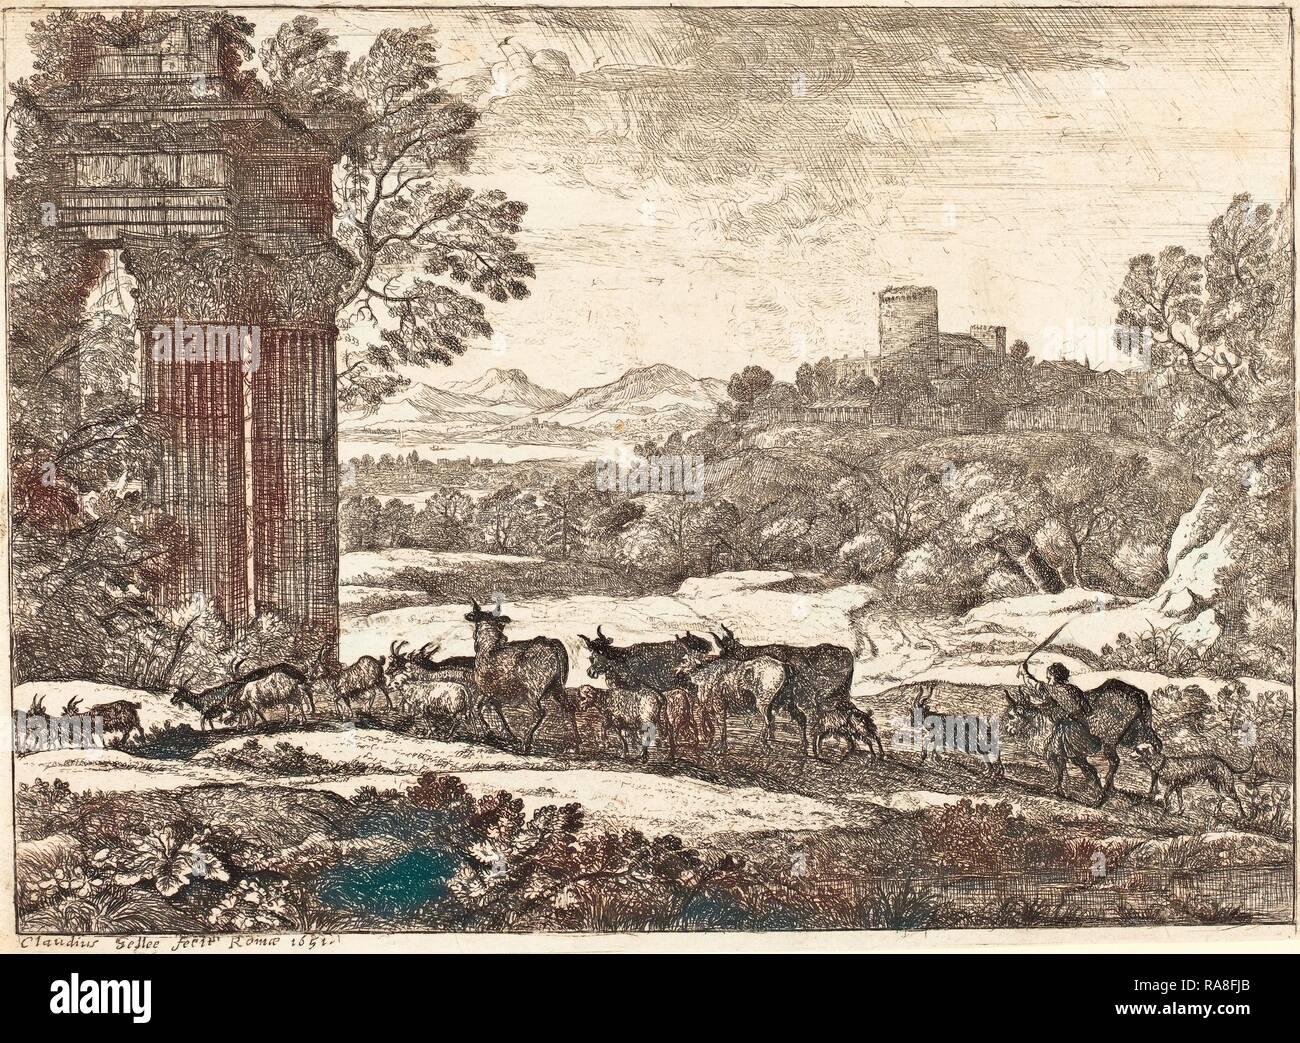 Claude Lorrain (French, 1604-1605 - 1682), The Herd Returning in Stormy Weather (Le troupeau en marche par un temps reimagined - Stock Image